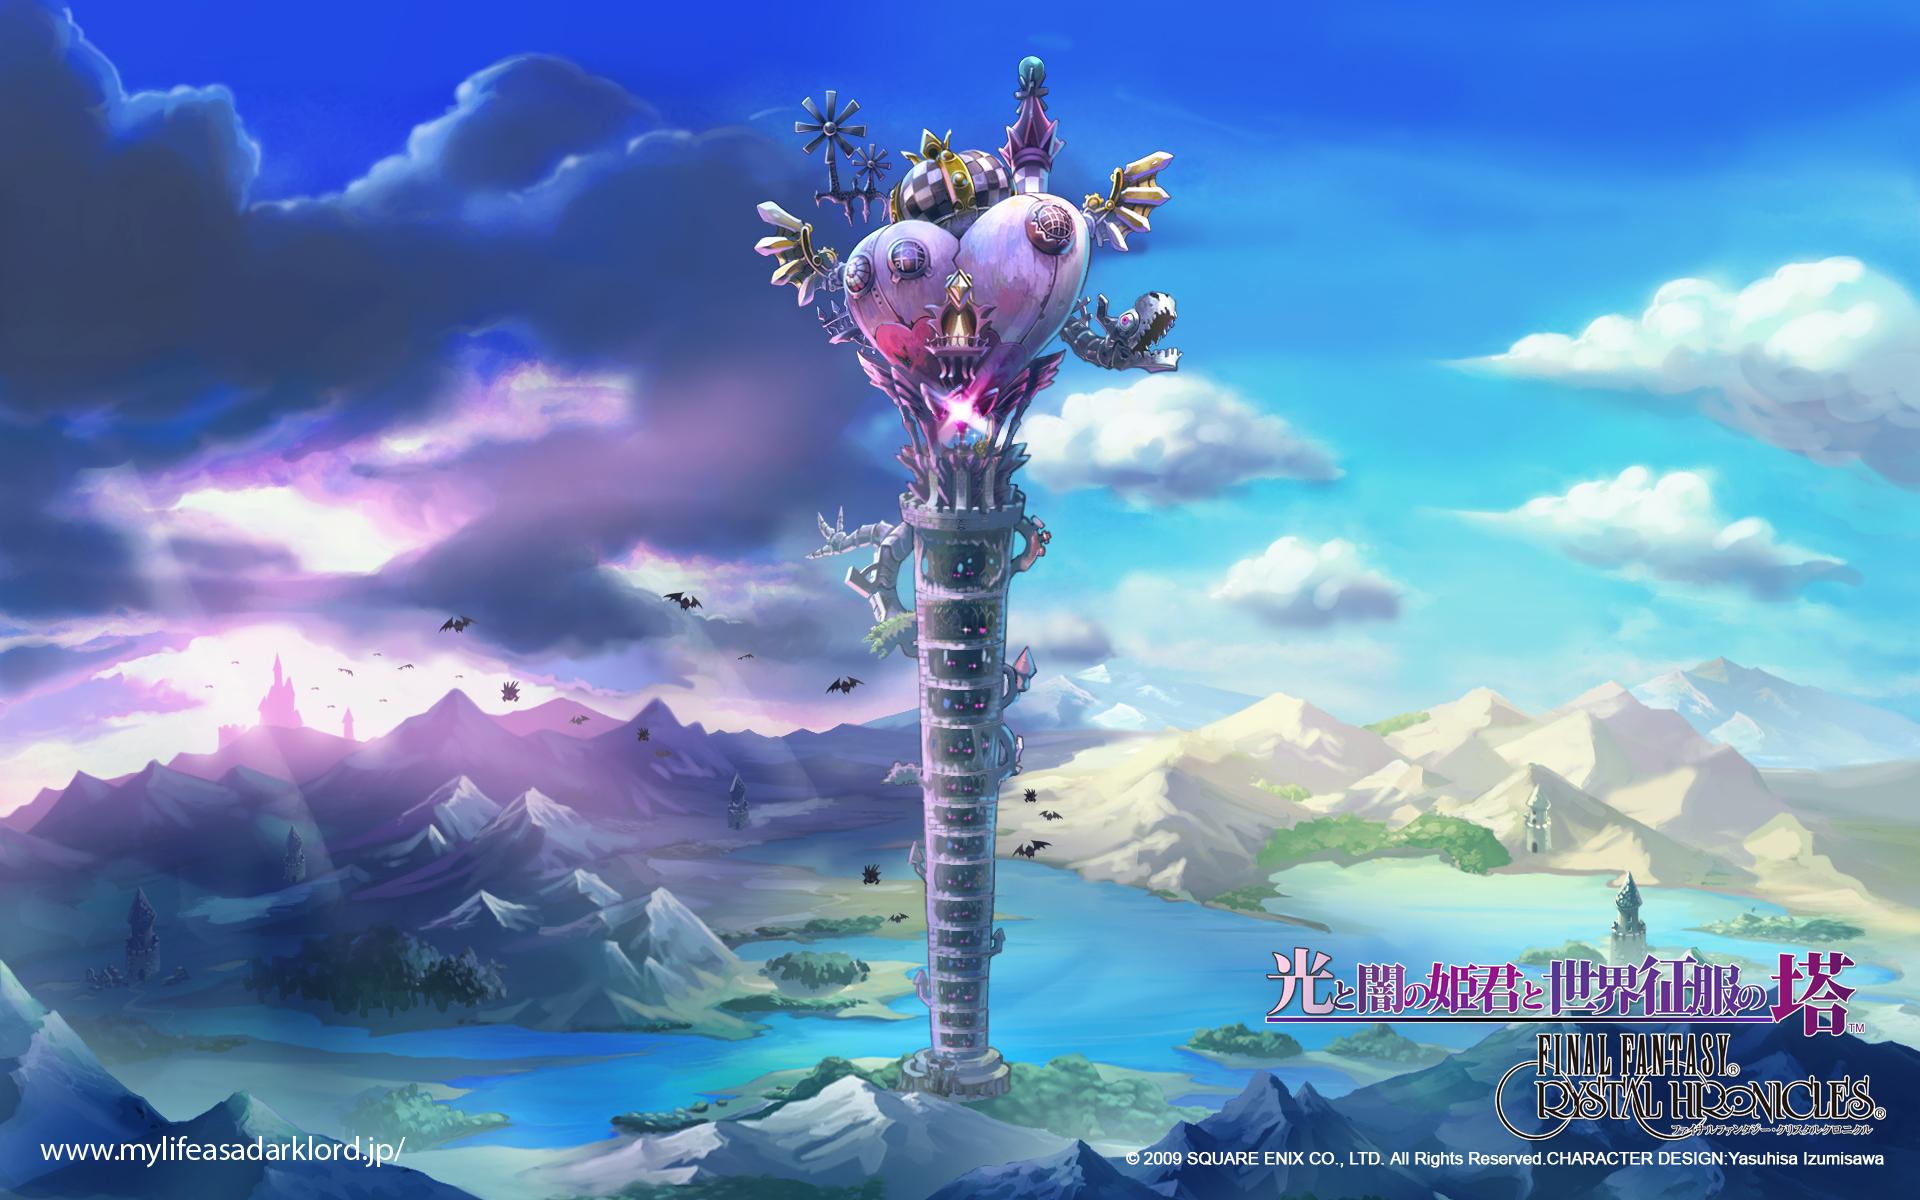 Image Ffcc Mlaad Wp14 1920 Jpg Final Fantasy Wiki Fandom